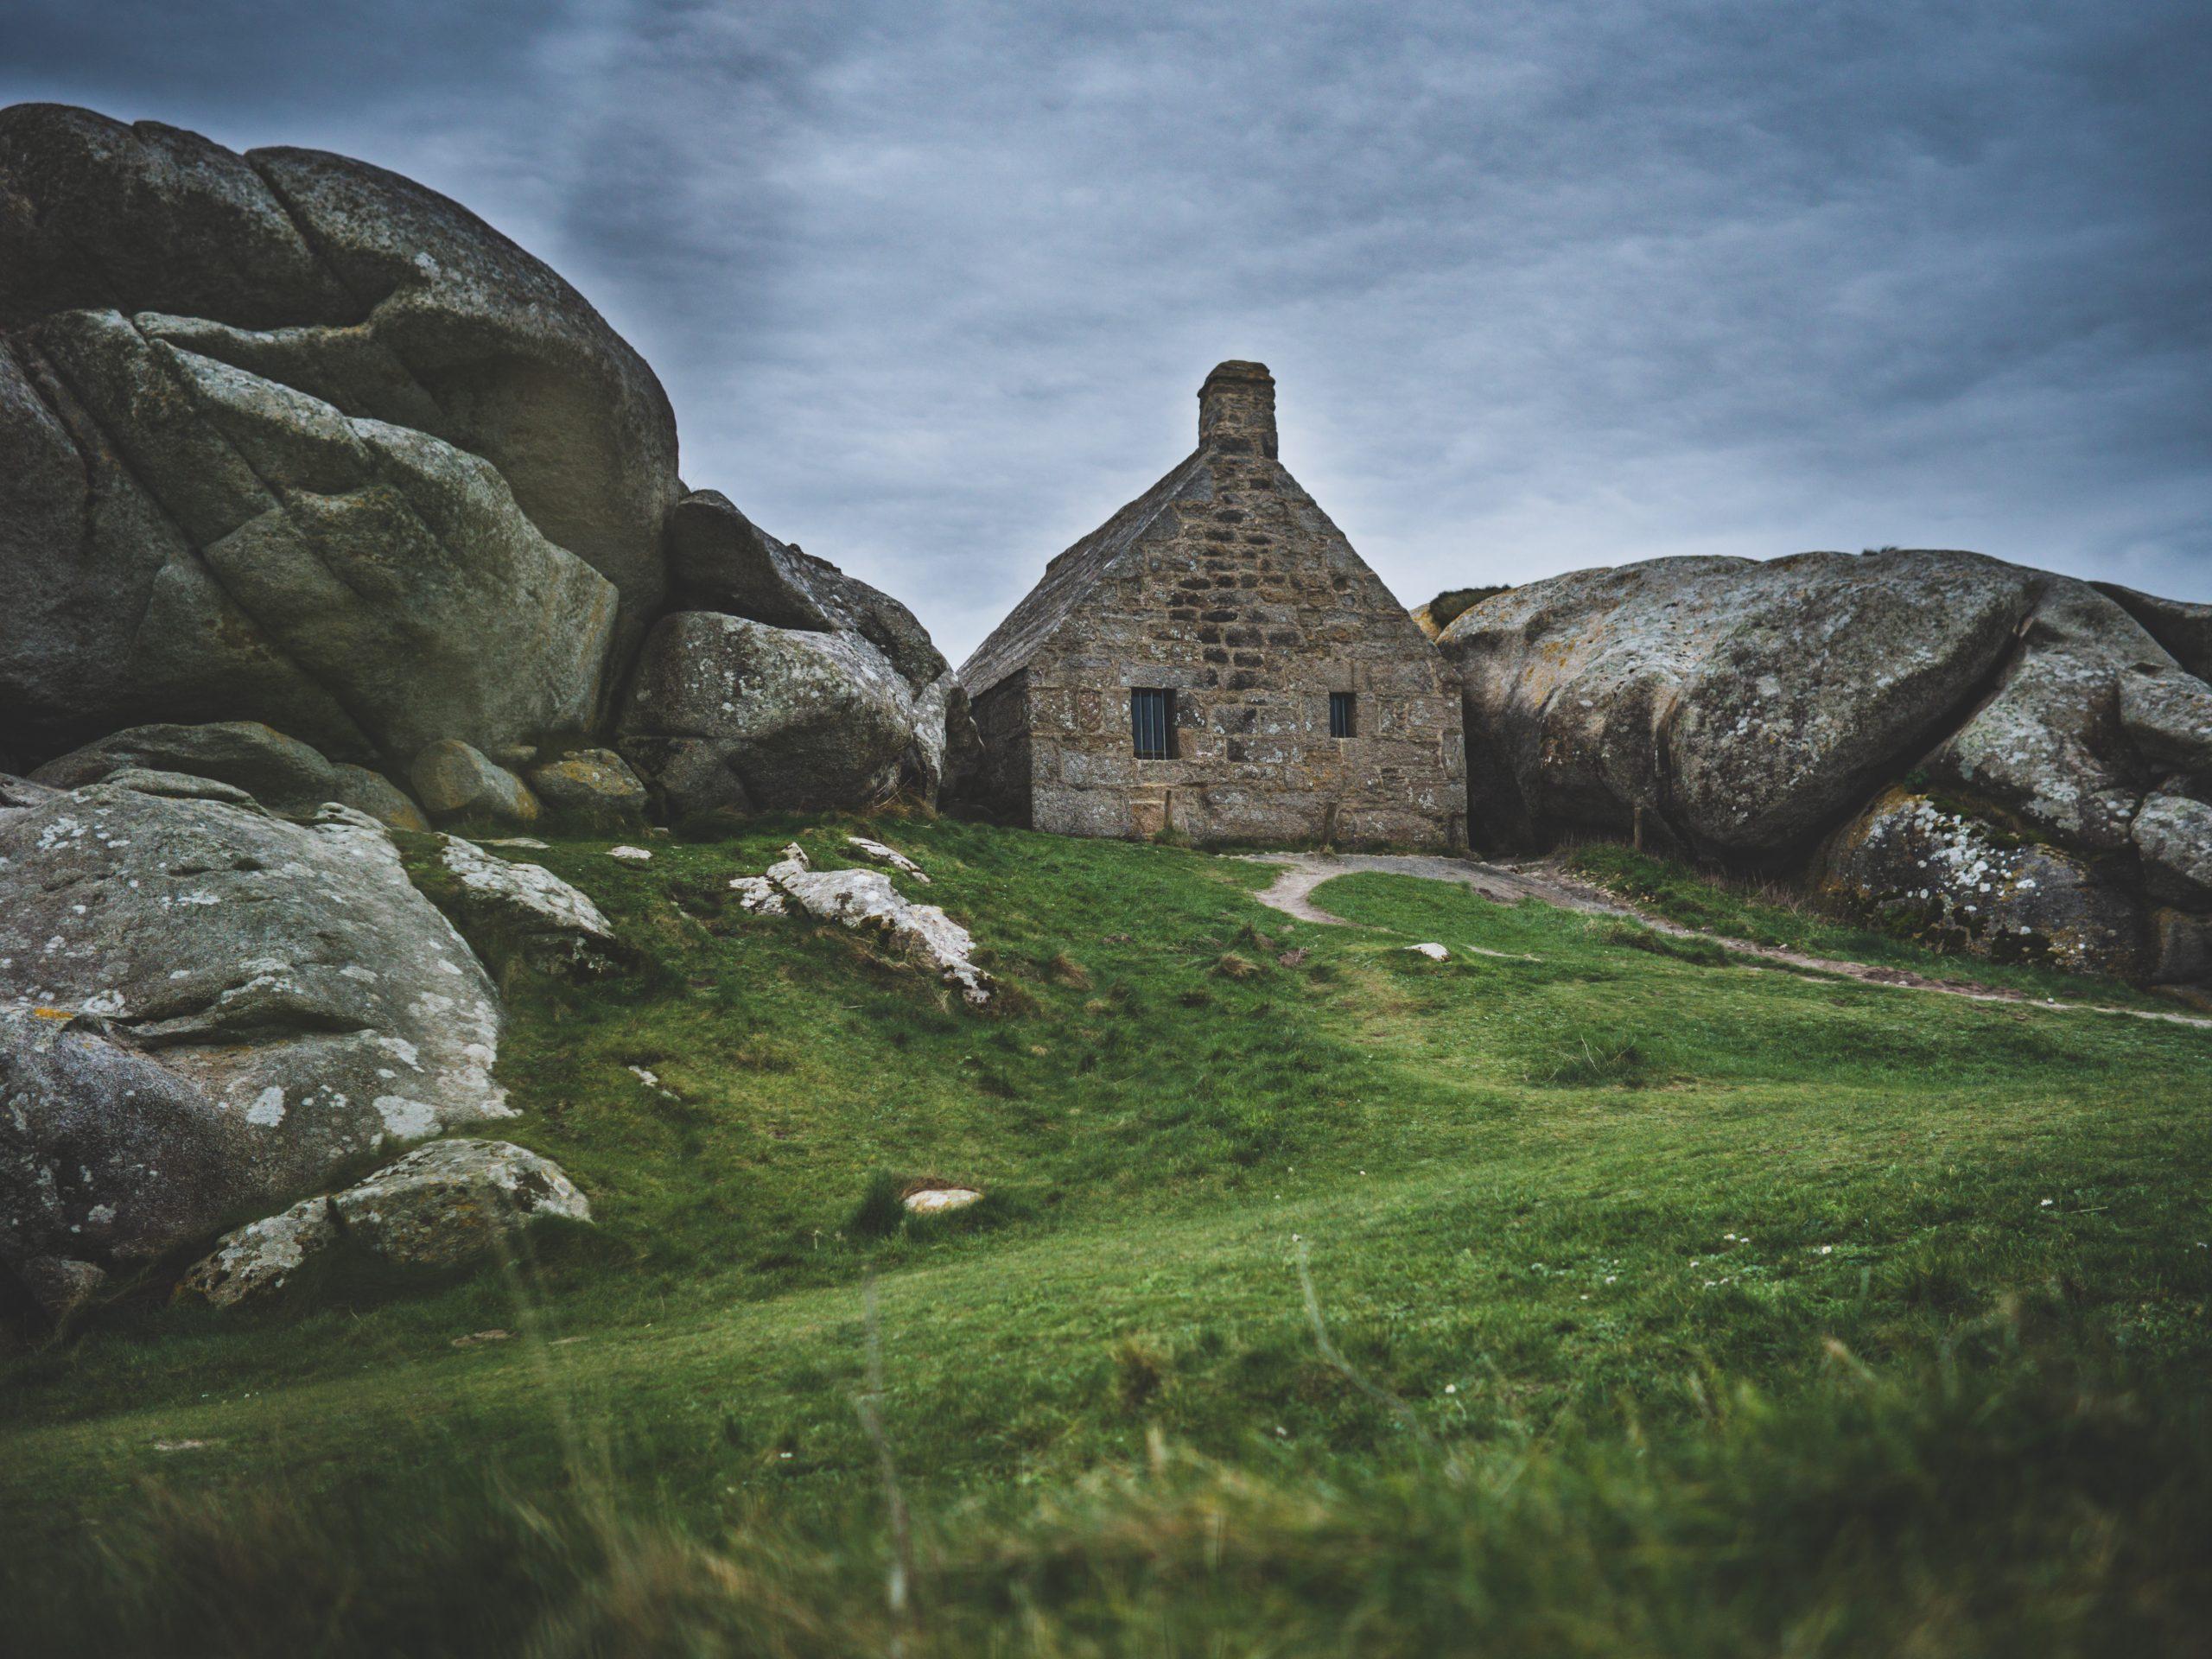 Jolie maison coincée entre deux rochers à Ménéham